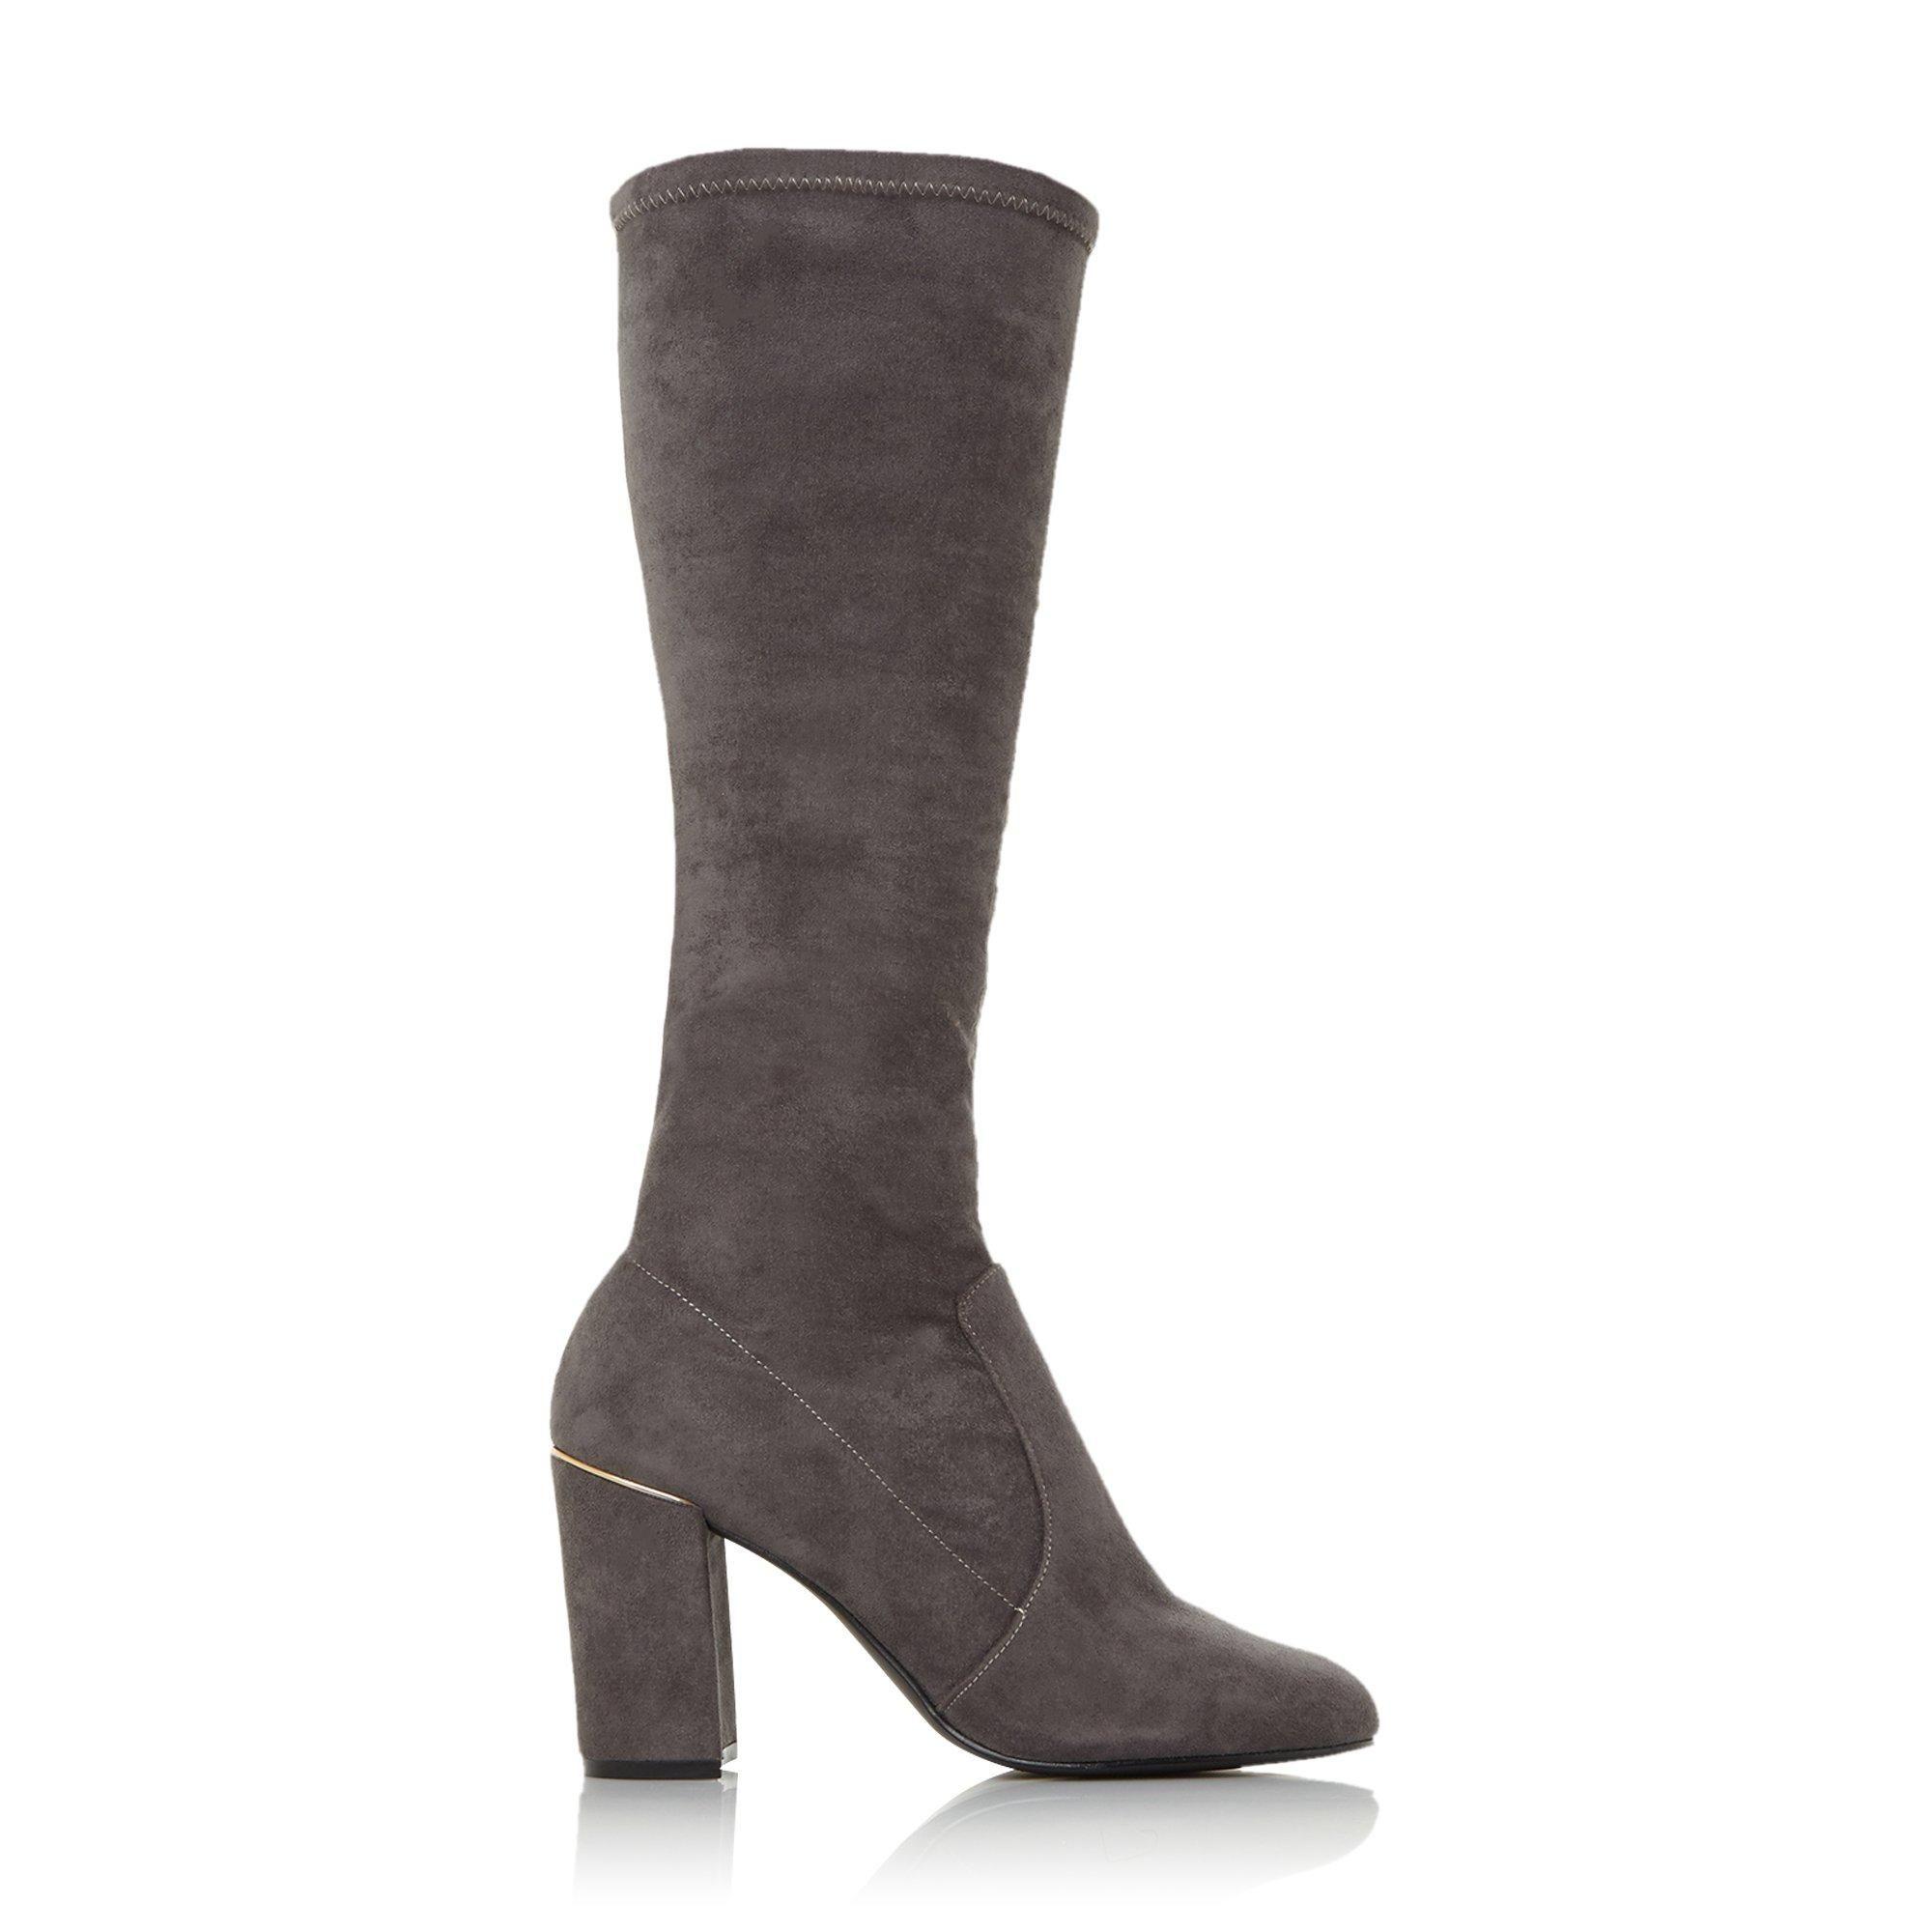 Dune Ladies SERAPHINA XX High Block Heel Boots